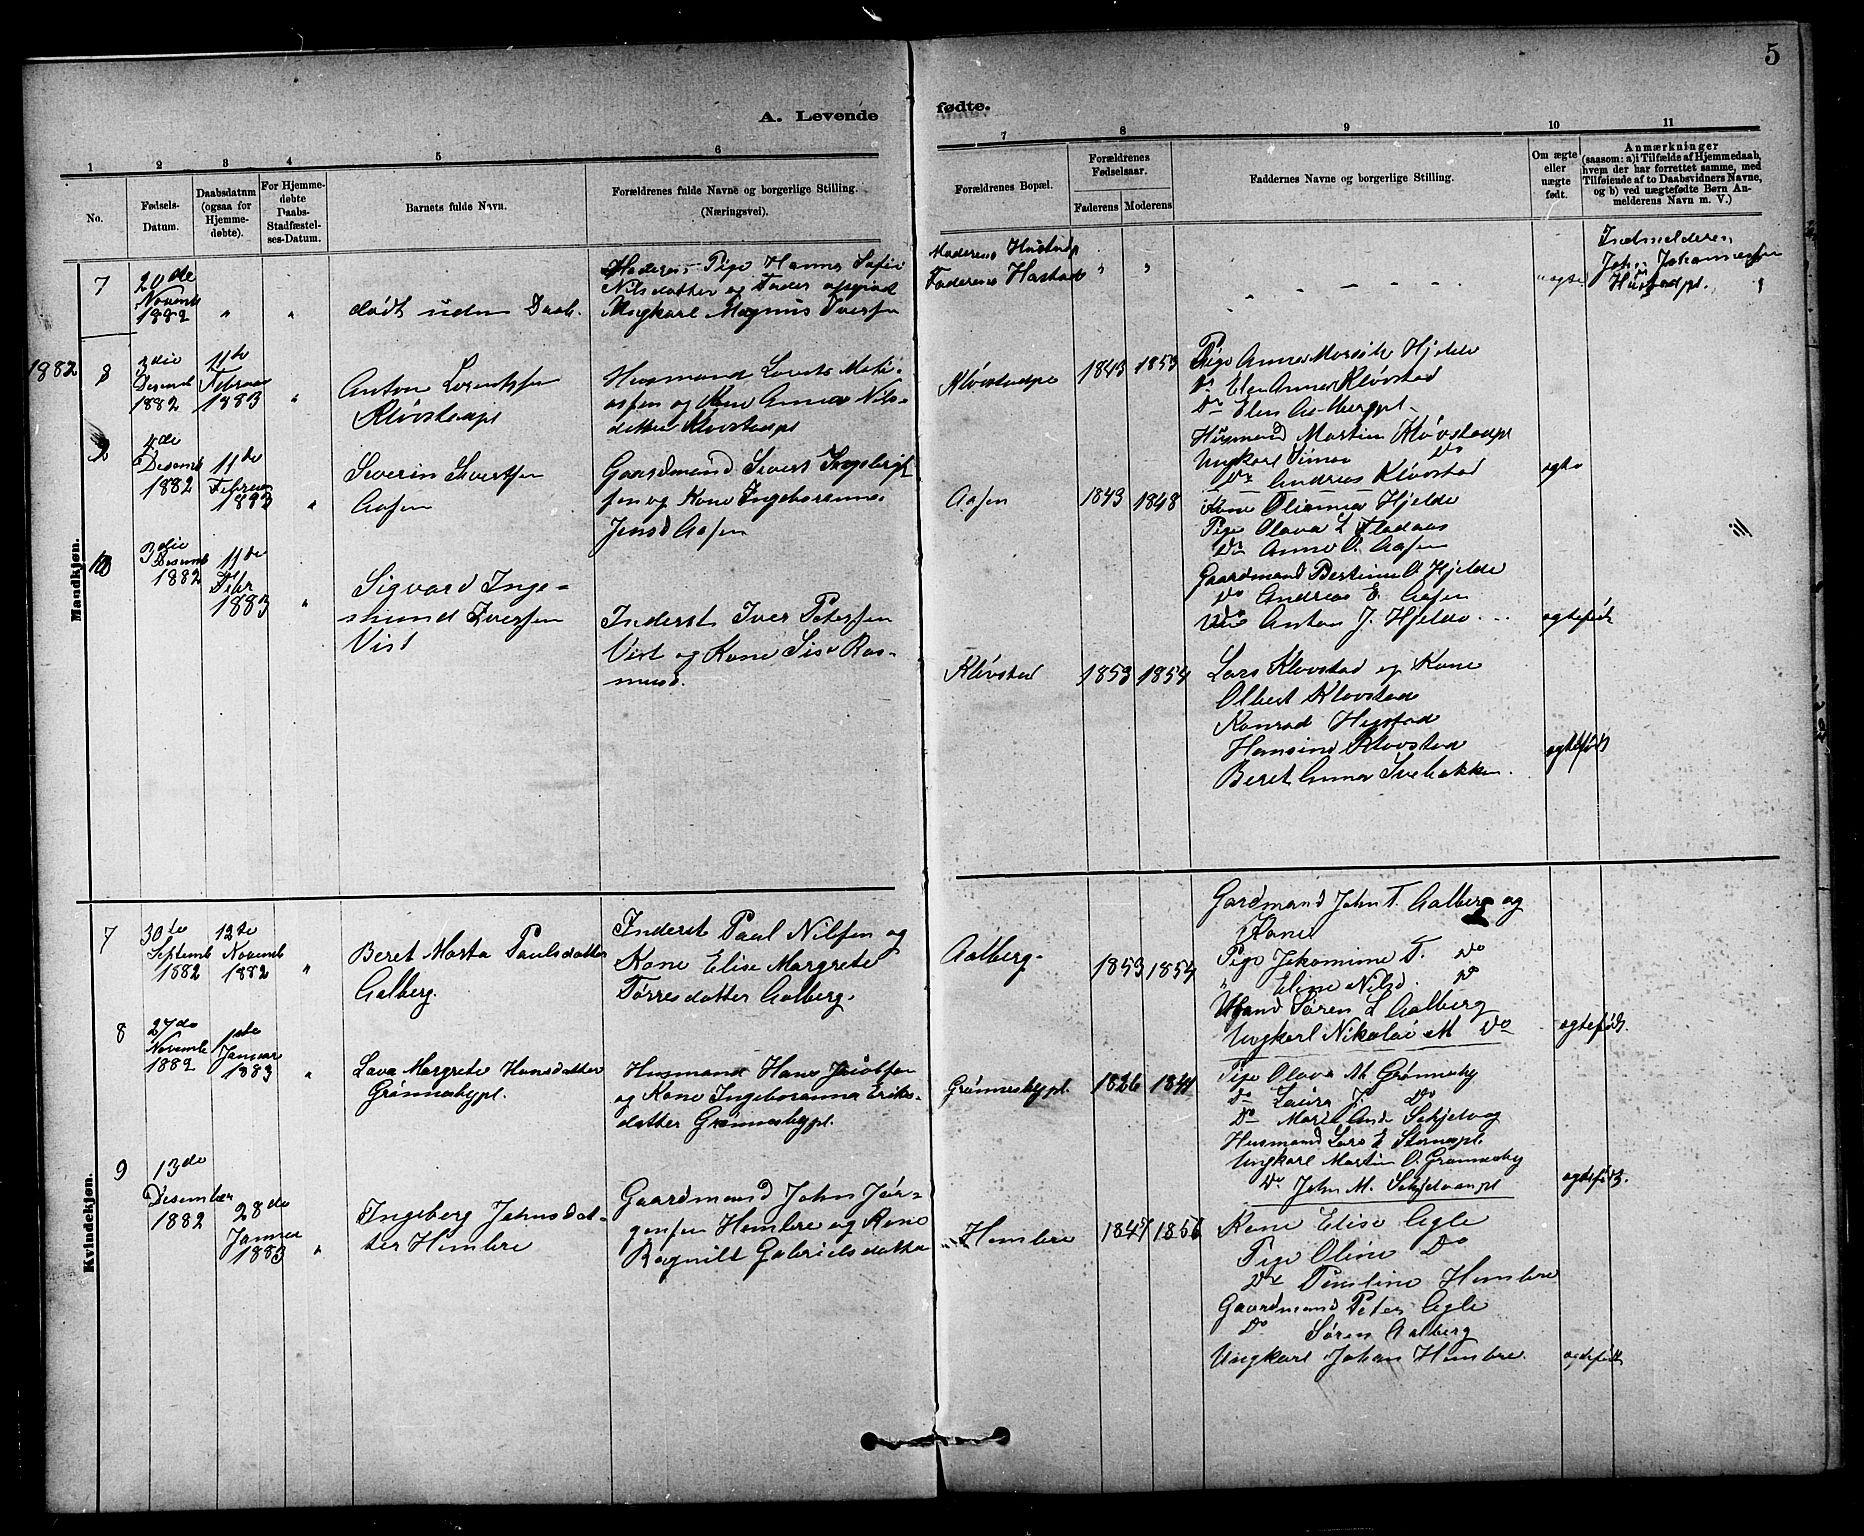 SAT, Ministerialprotokoller, klokkerbøker og fødselsregistre - Nord-Trøndelag, 732/L0318: Klokkerbok nr. 732C02, 1881-1911, s. 5